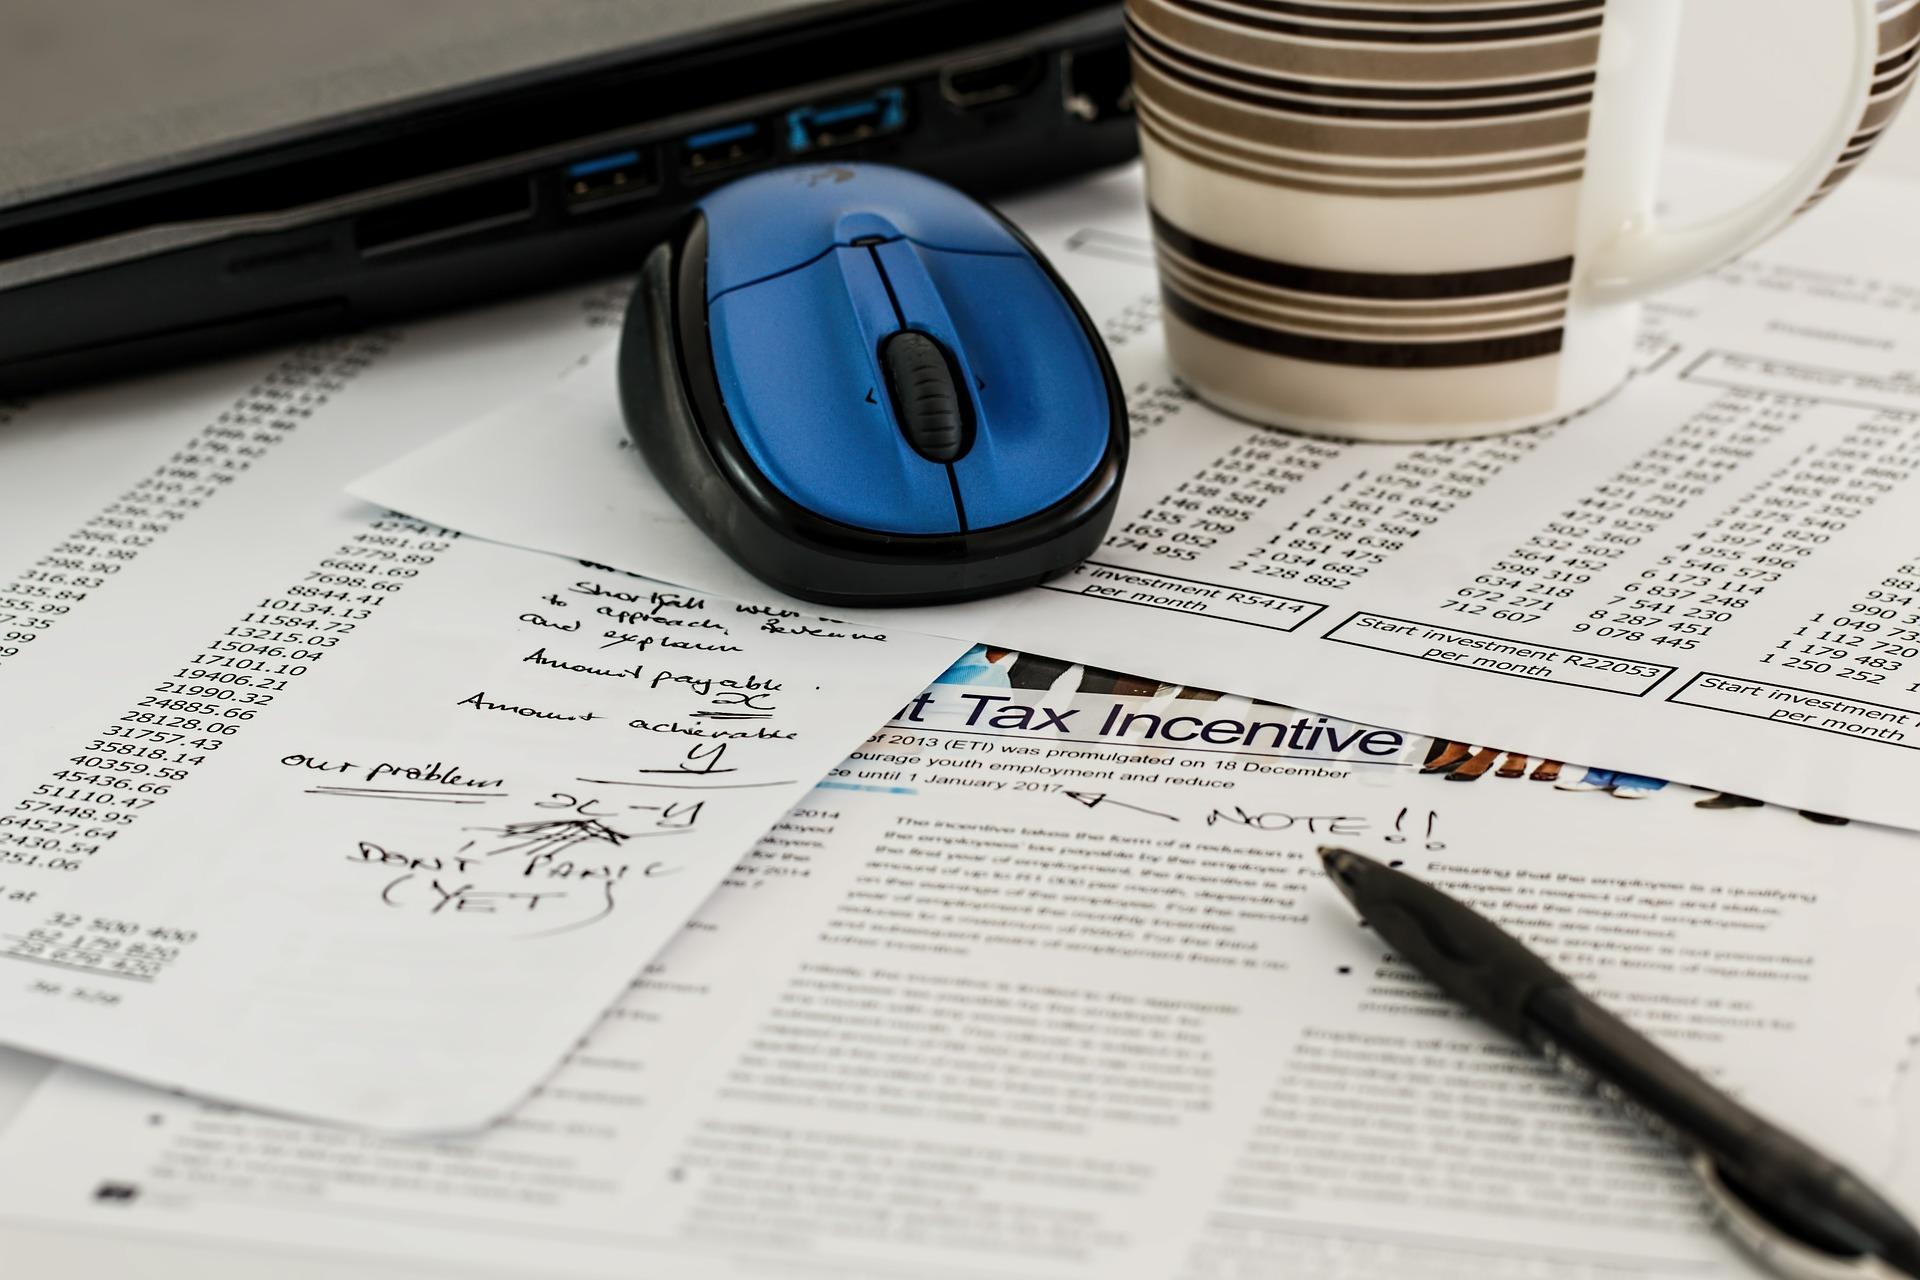 Entro il 31 Ottobre serve conservare i documenti tributari informatici del 2016.